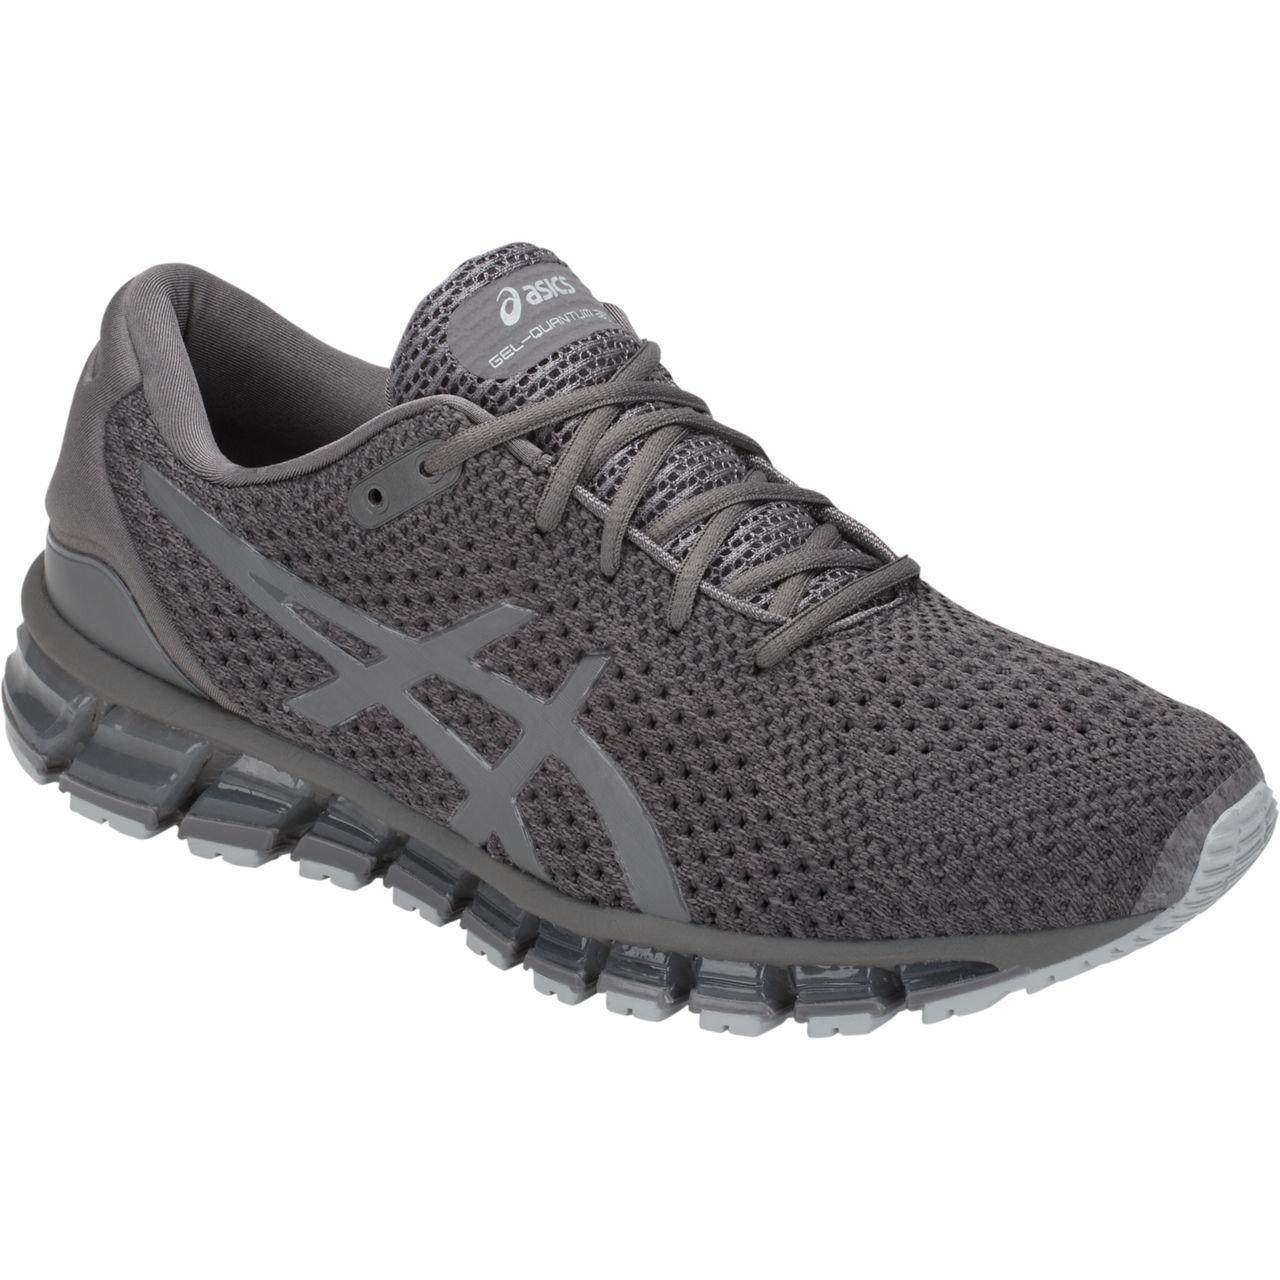 Carbon Dark gris Asics Men's Gel-Quantum 360 Running chaussures 42 EU